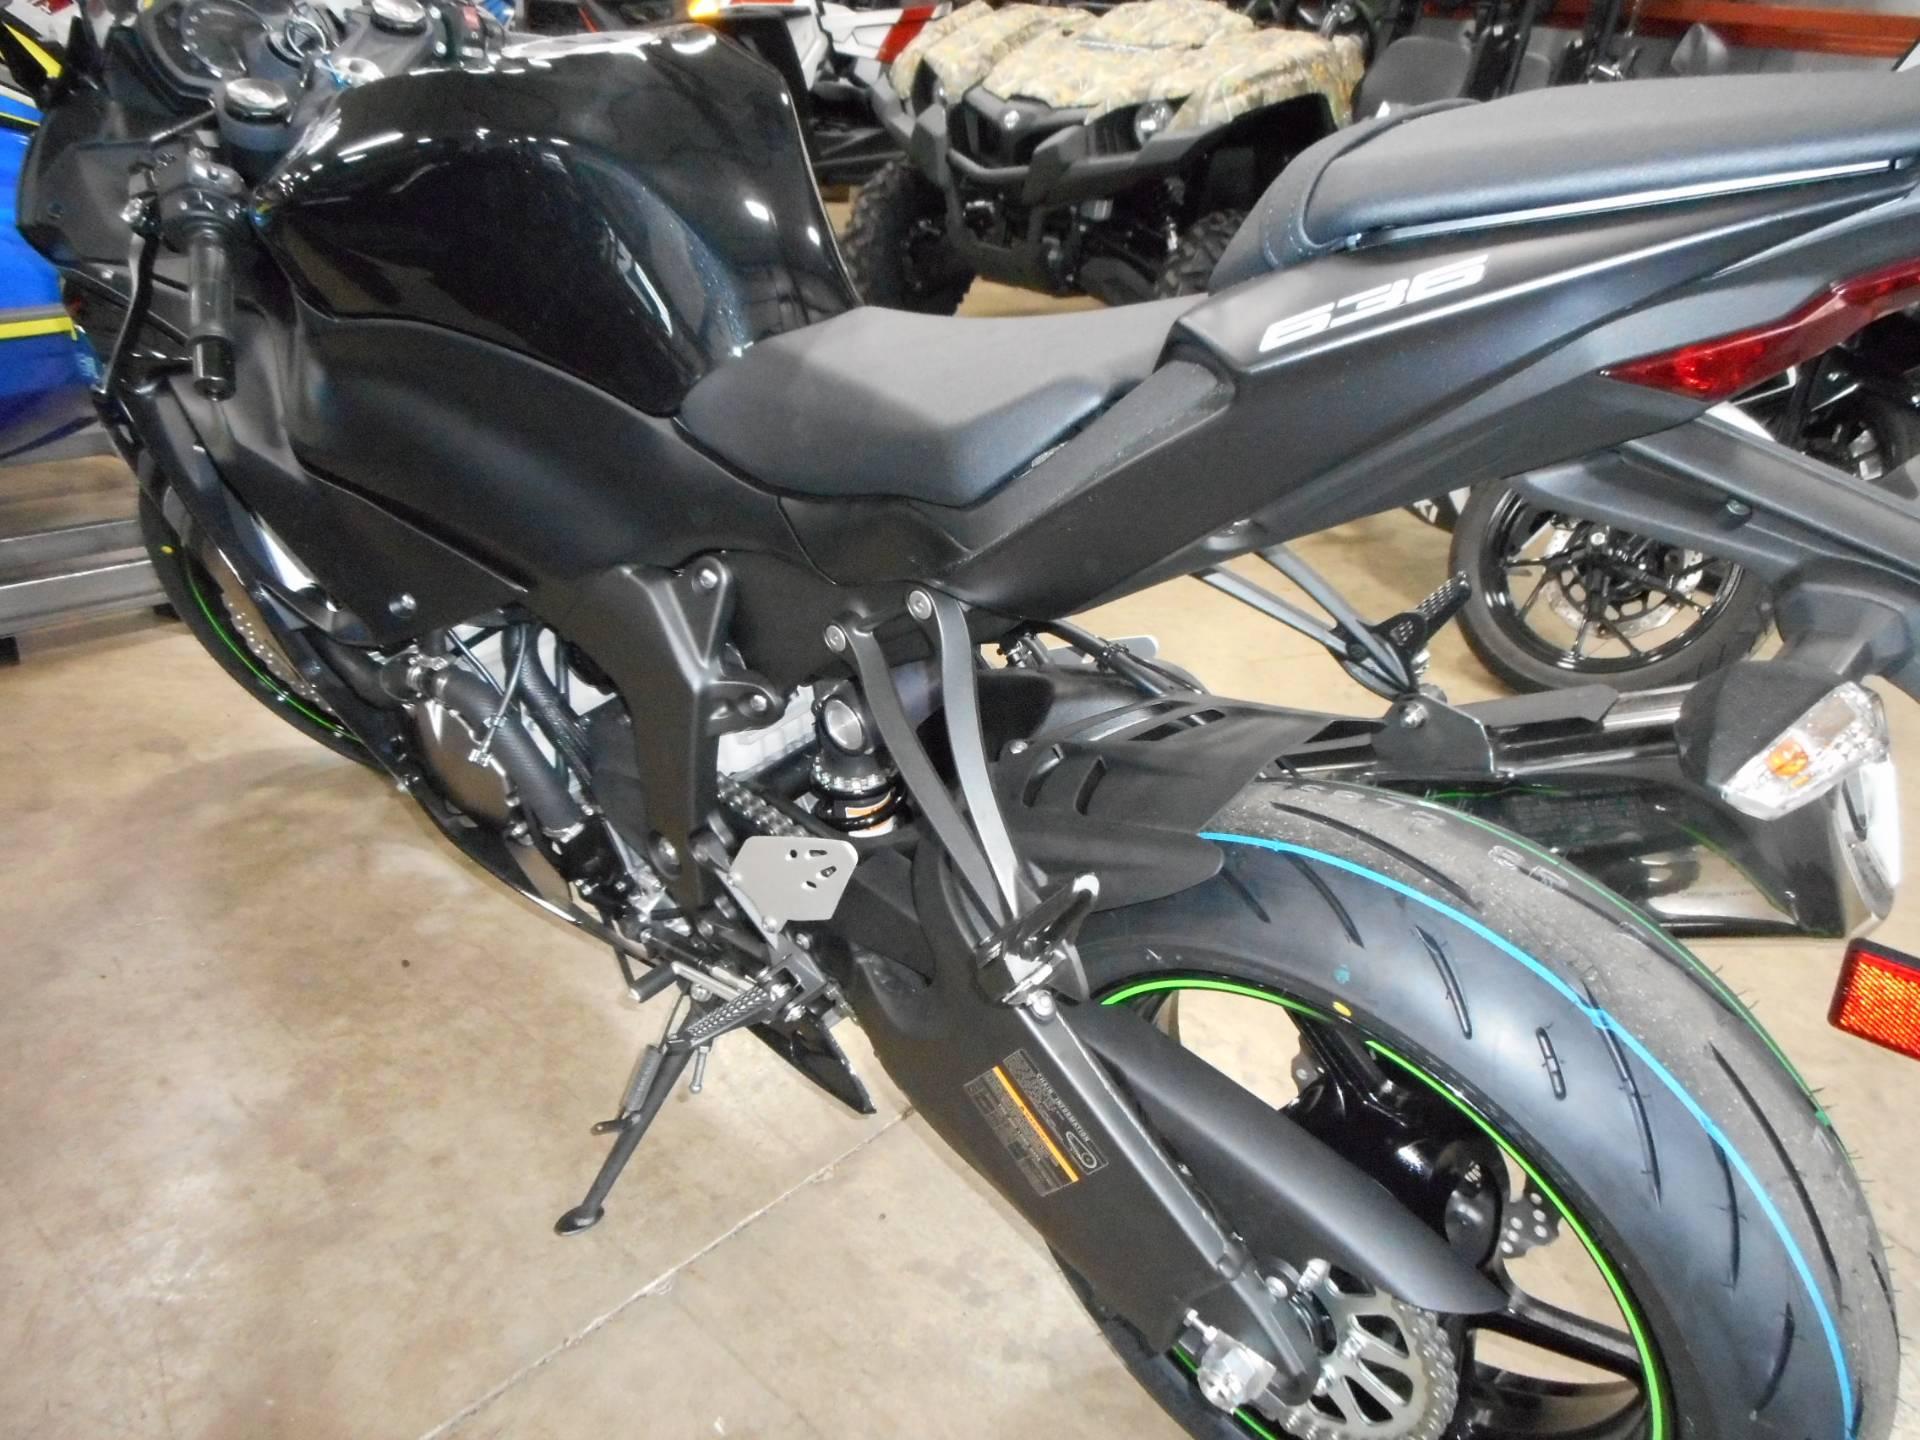 2019 Kawasaki Ninja Zx 6r In Belvidere Illinois